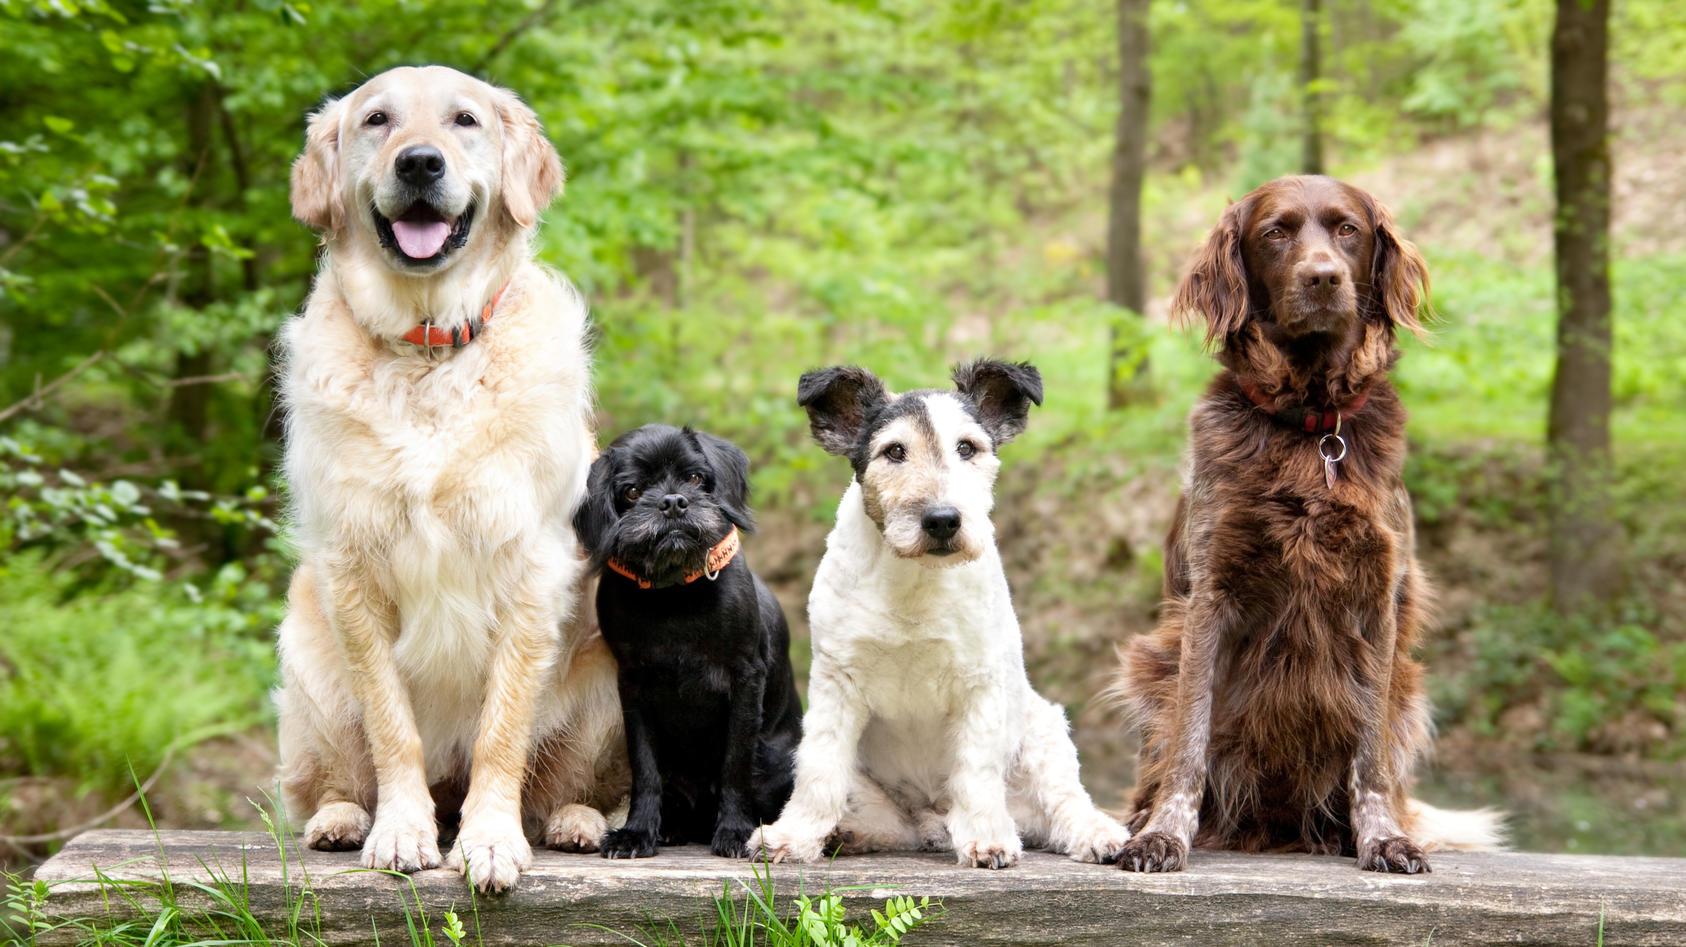 In unserem Test erfahren Sie, welche Hunderasse Sie Ihren Charaktereigenschaften nach am ehesten wären.